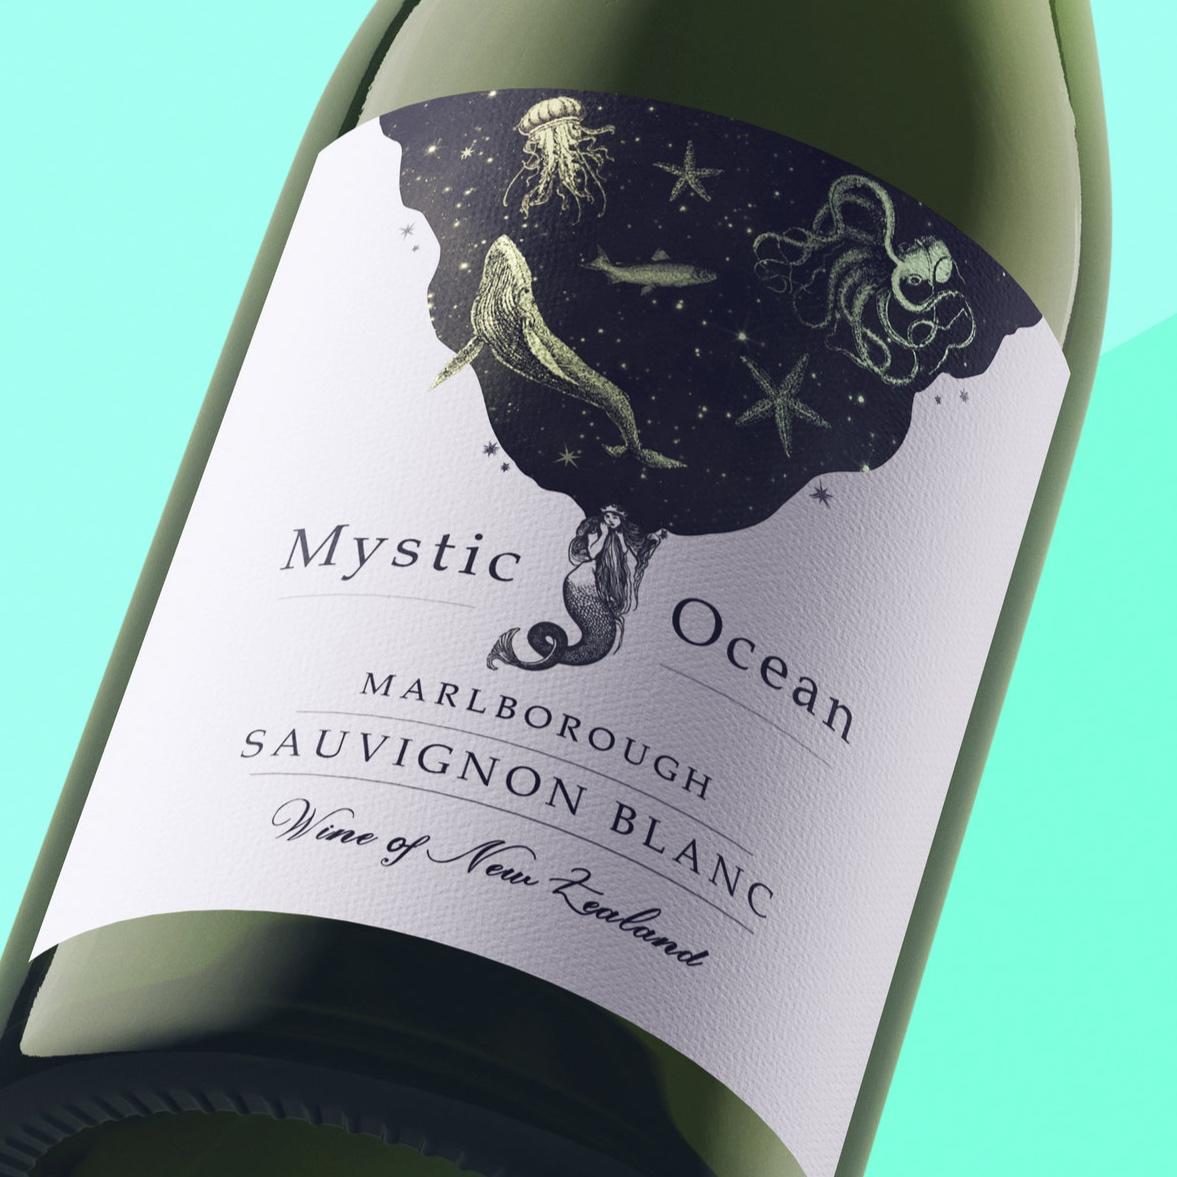 Mystic Ocean Sauvignon Blanc